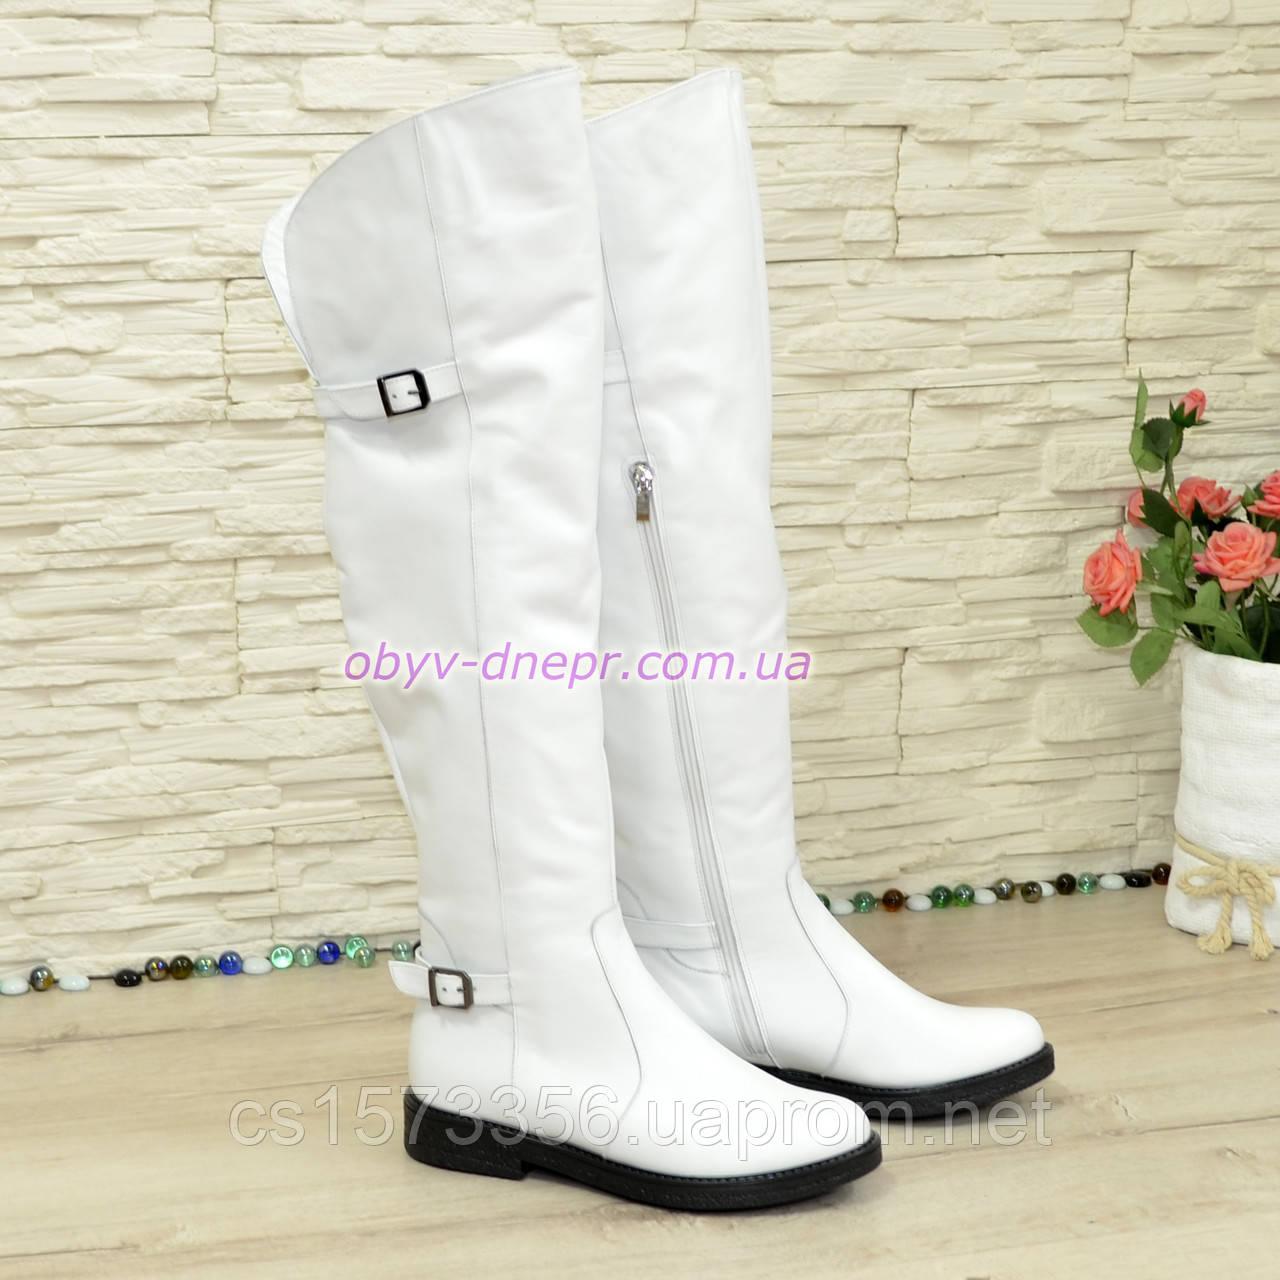 Ботфорти шкіряні білі туфлі на товстій підошві, декоровані ремінцями